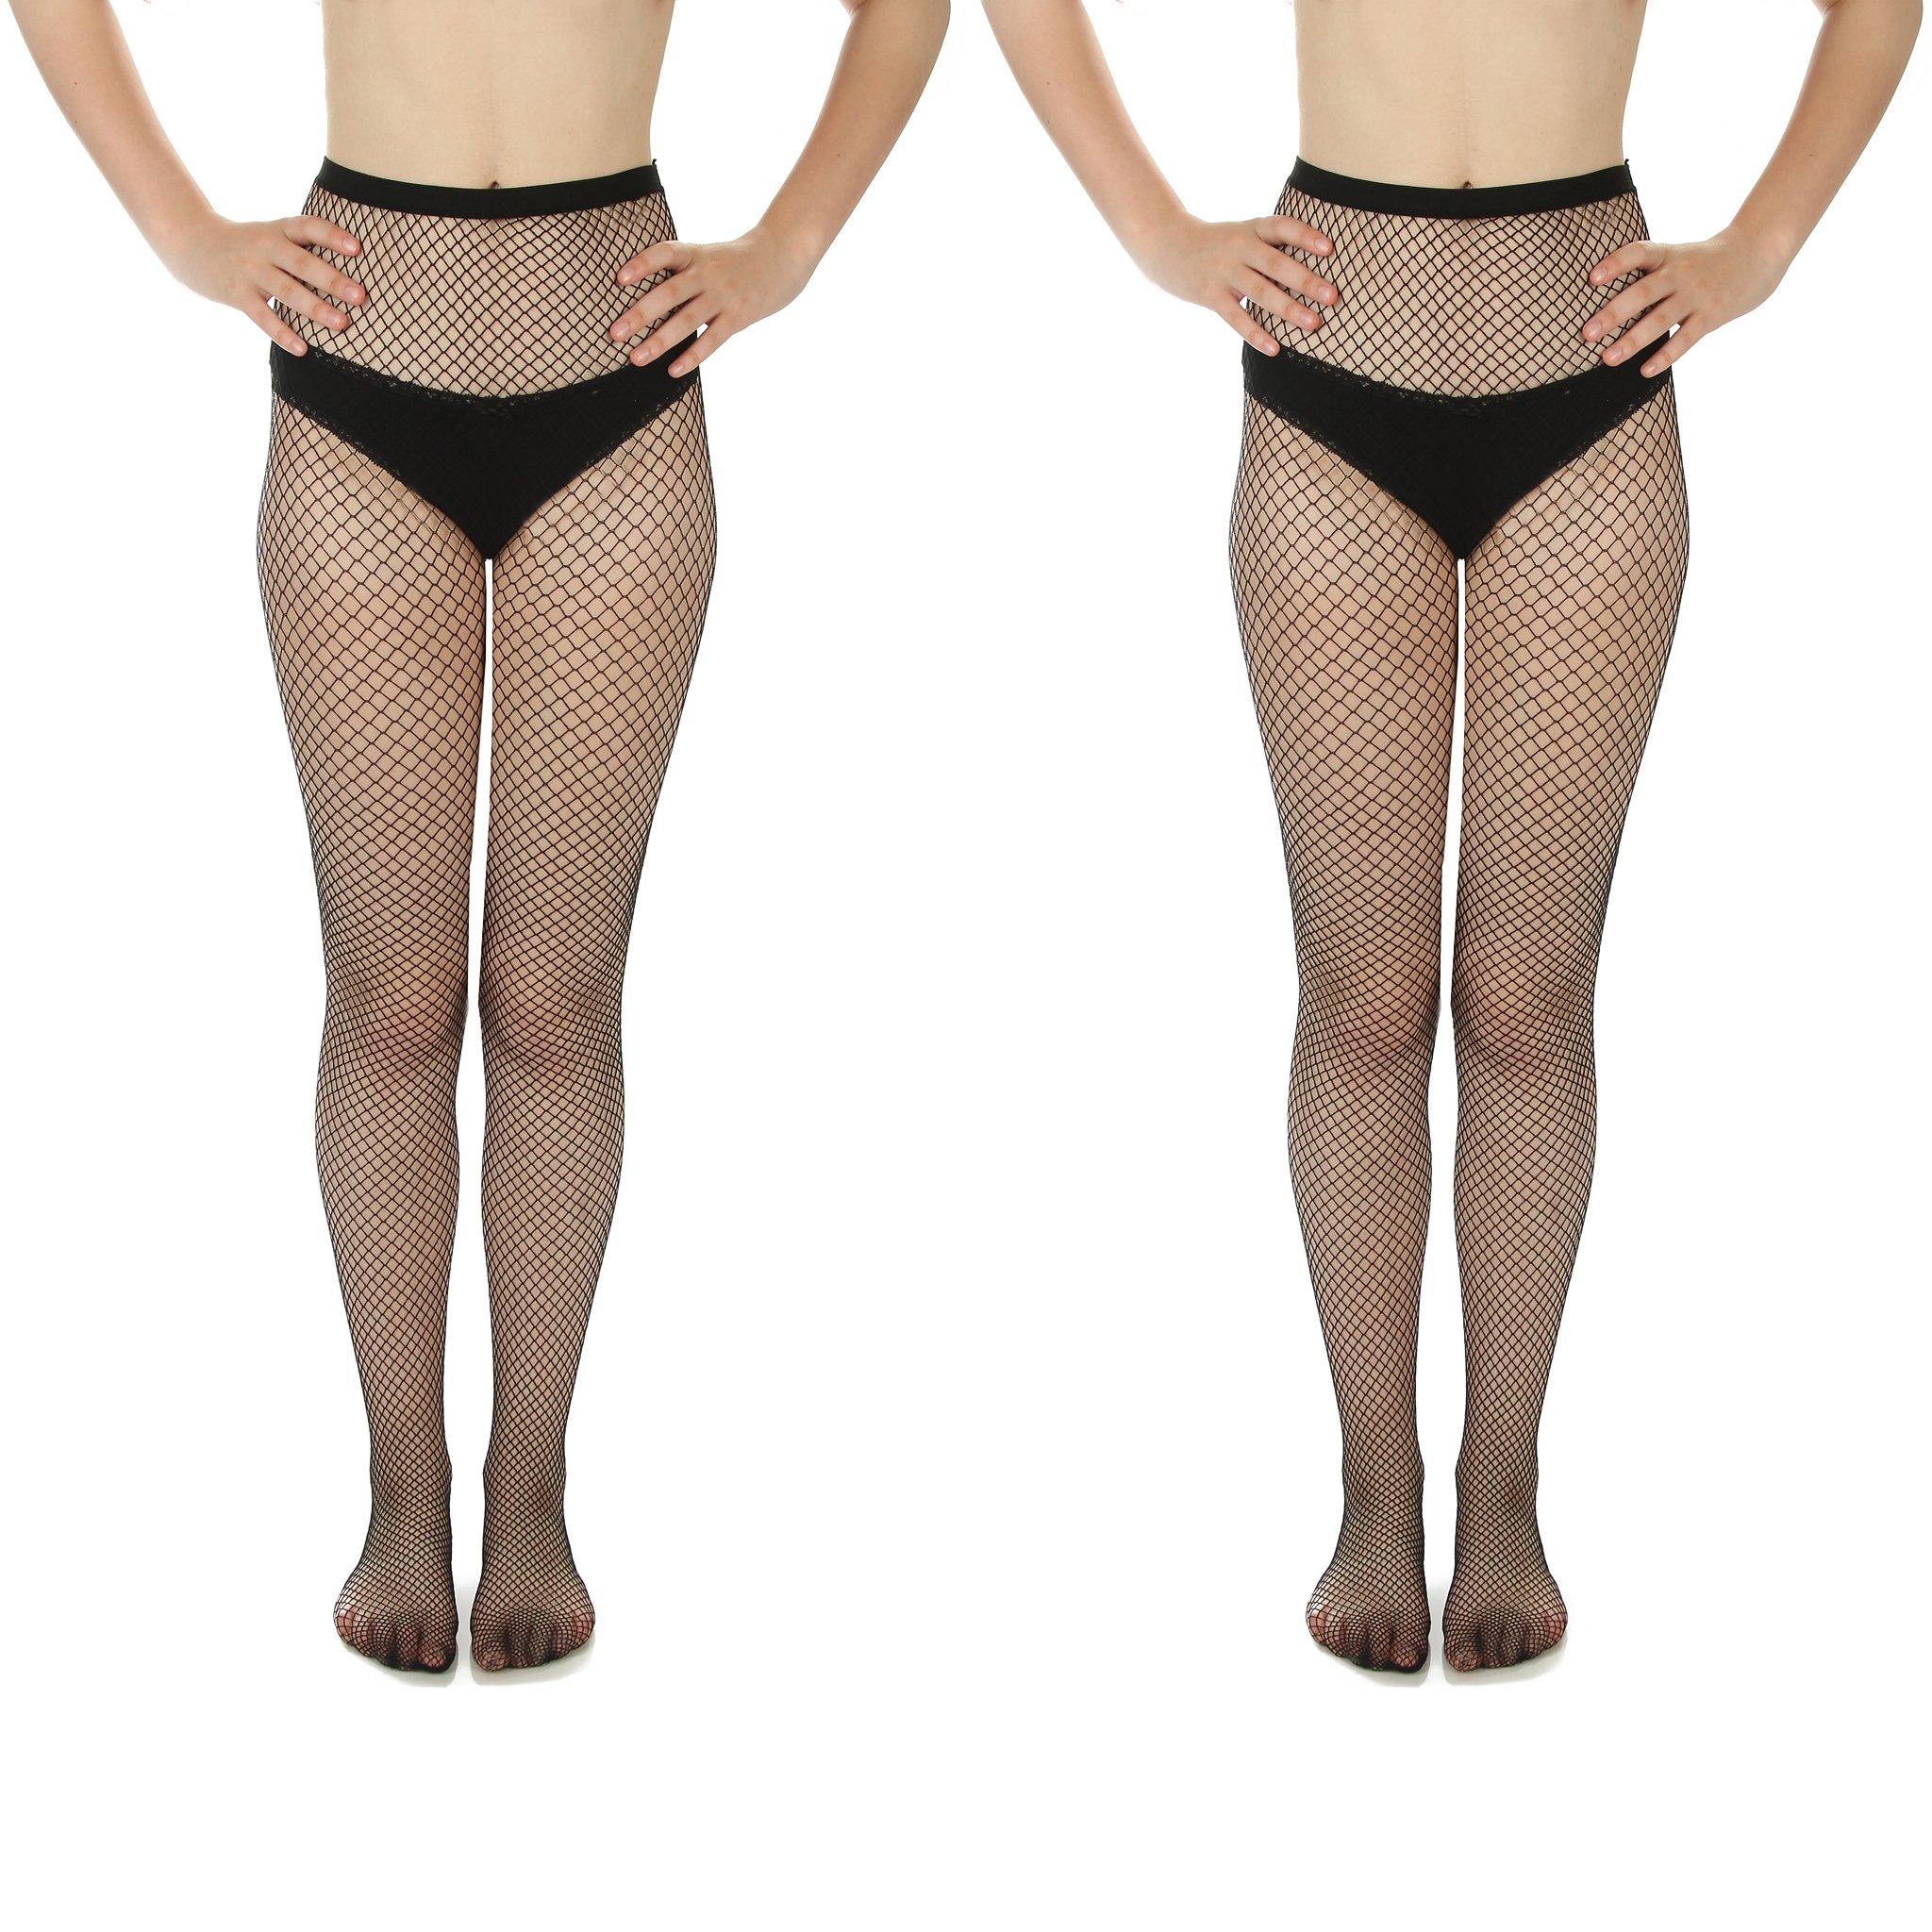 Women's Fishnet Stockings, Multi Pack (Style B, 2)